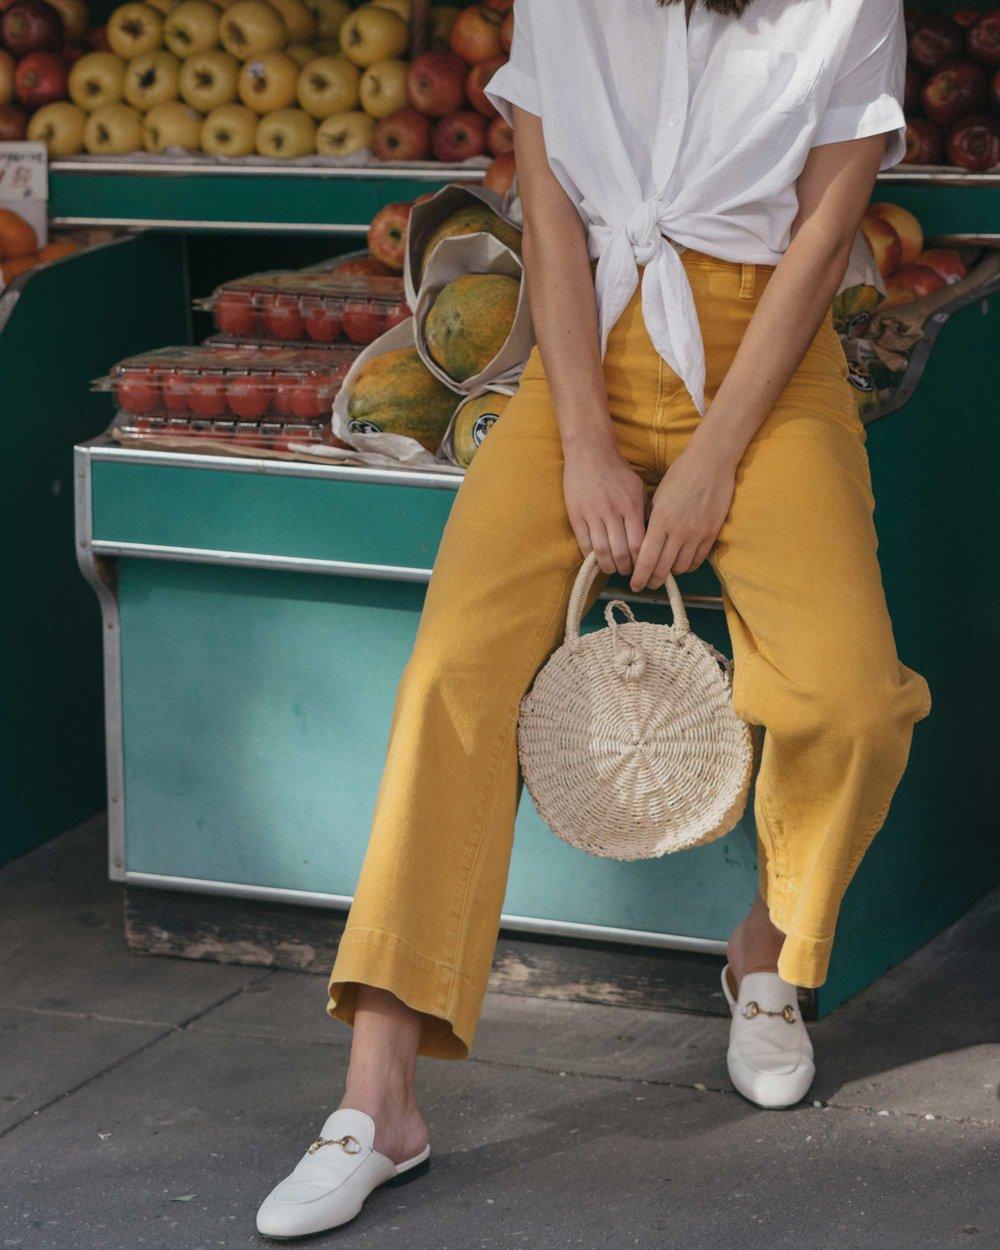 Madewell emmett wide-leg crop pants Round Woven Bag short-sleeve tie-front shirt summer outfit fruit stand new york2.jpg